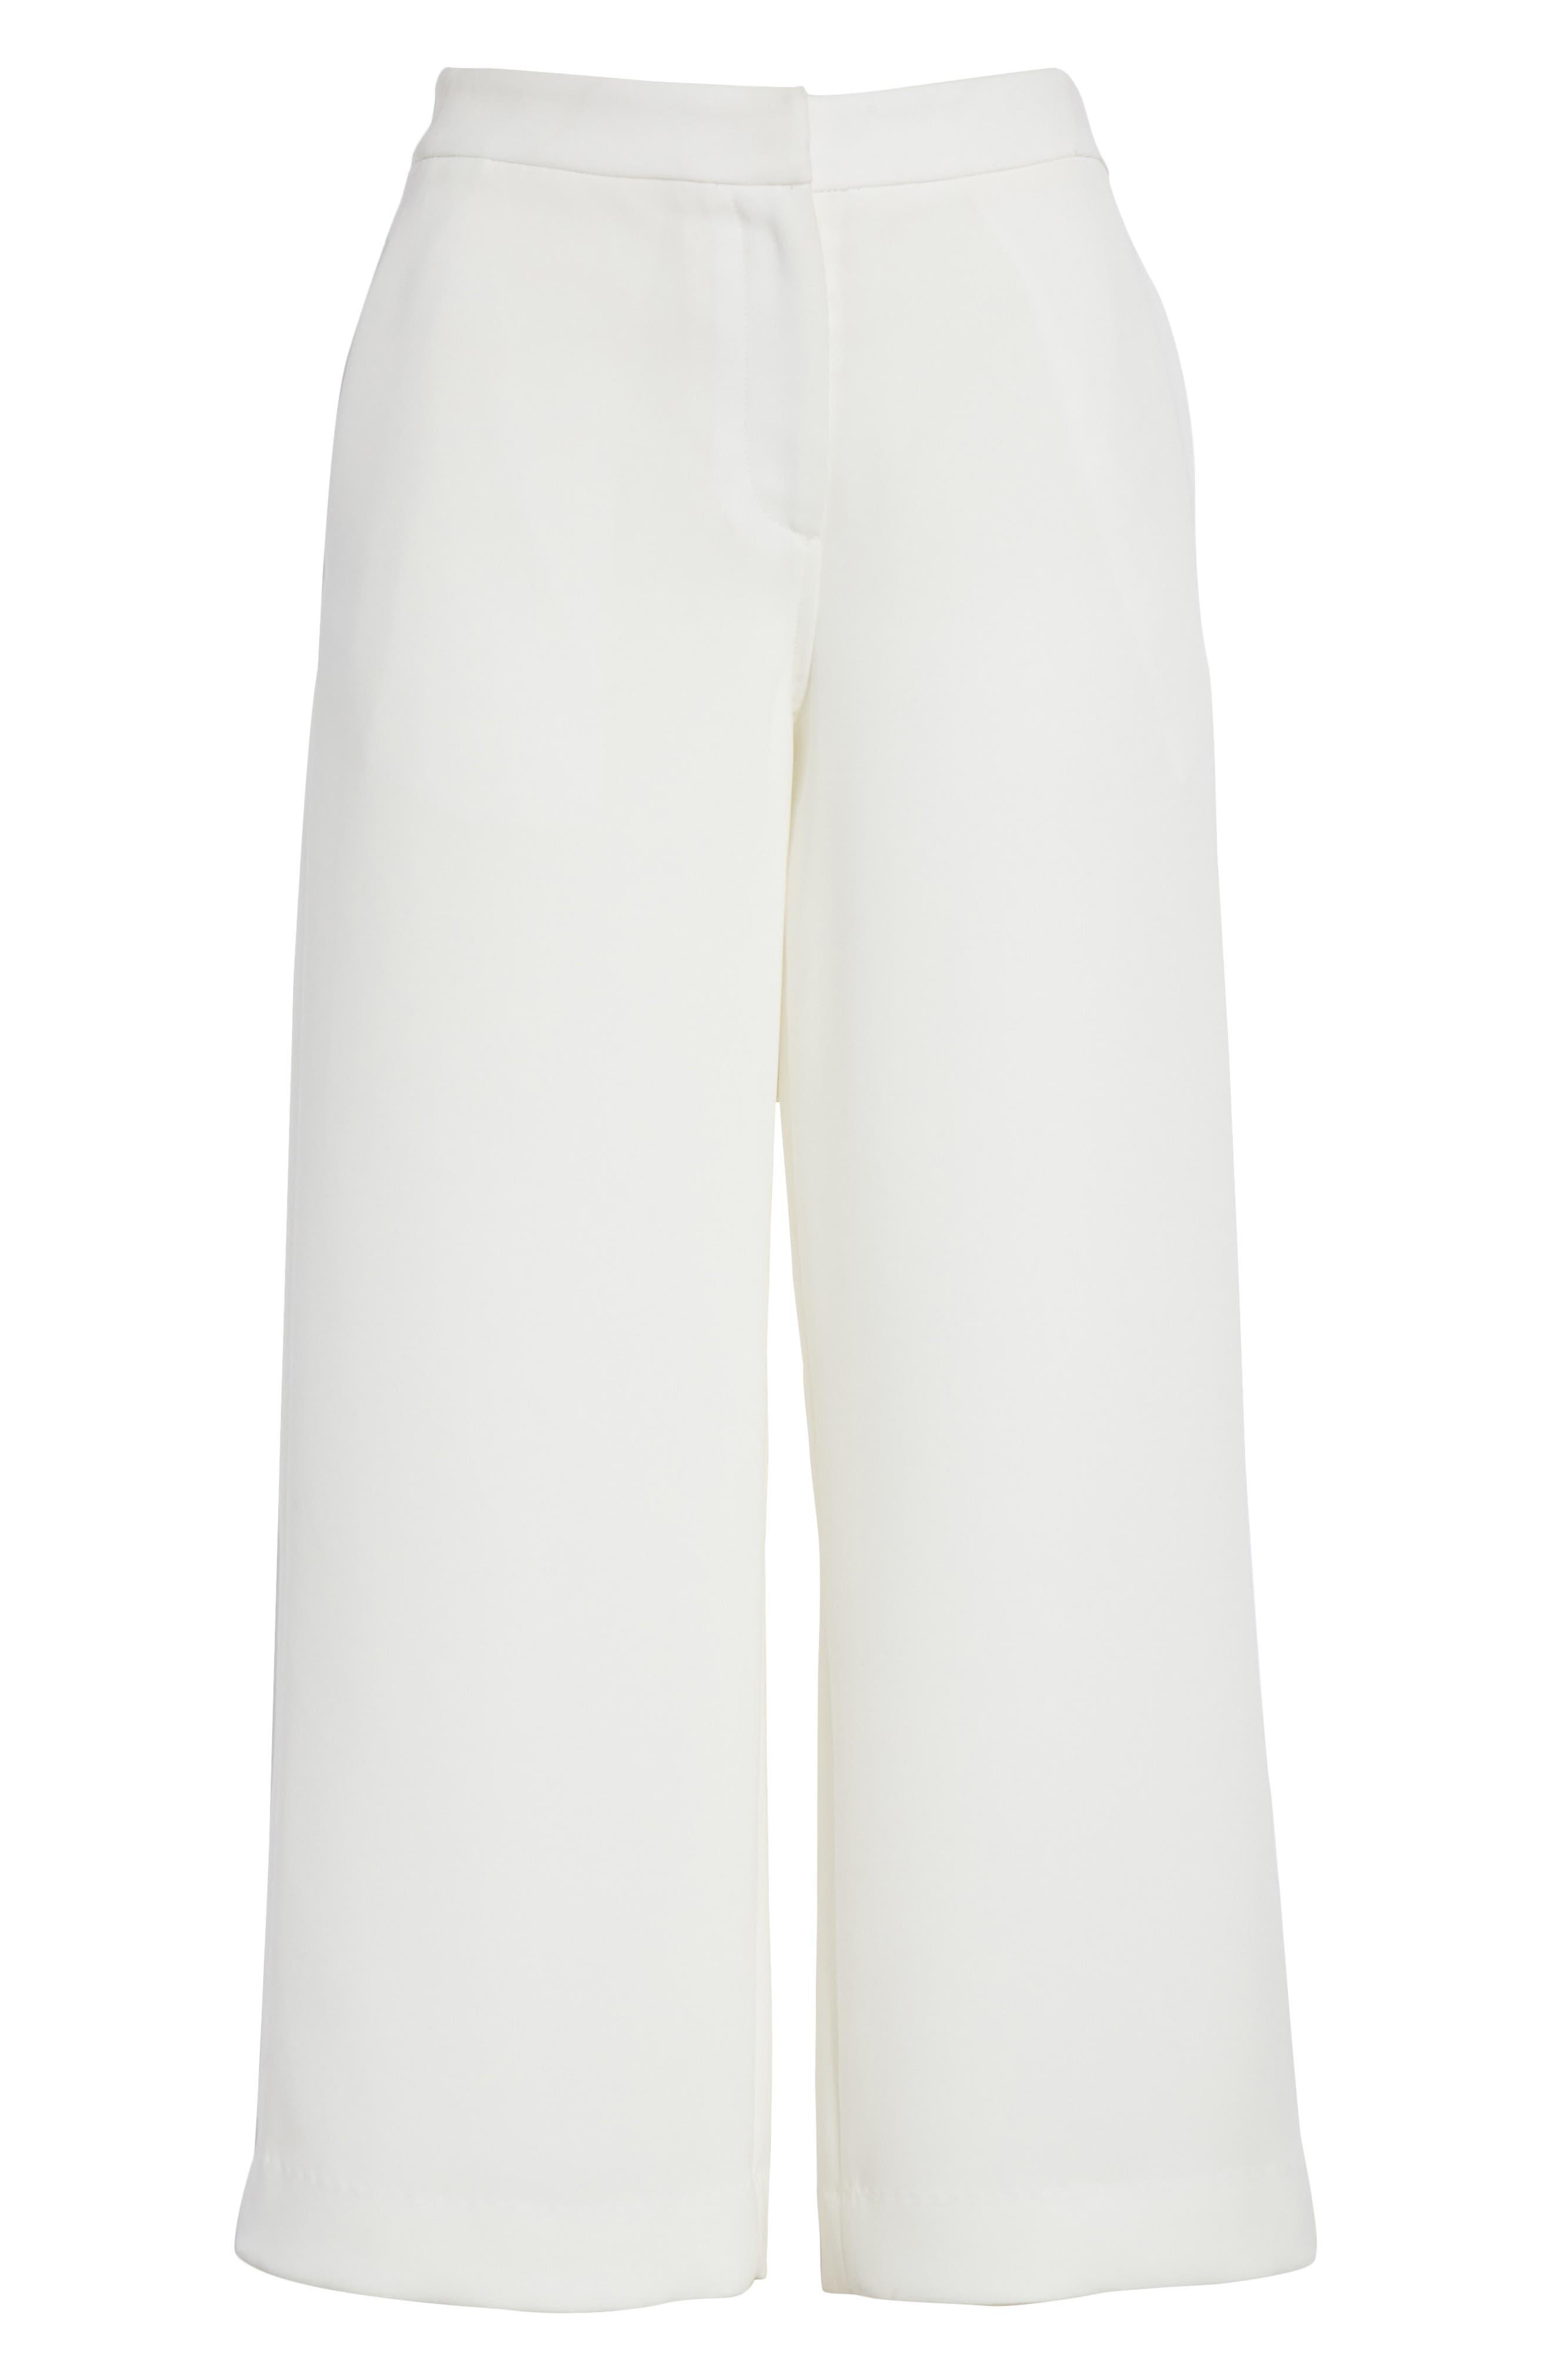 Marci Crop Wide Leg Pants,                             Alternate thumbnail 6, color,                             Chalk